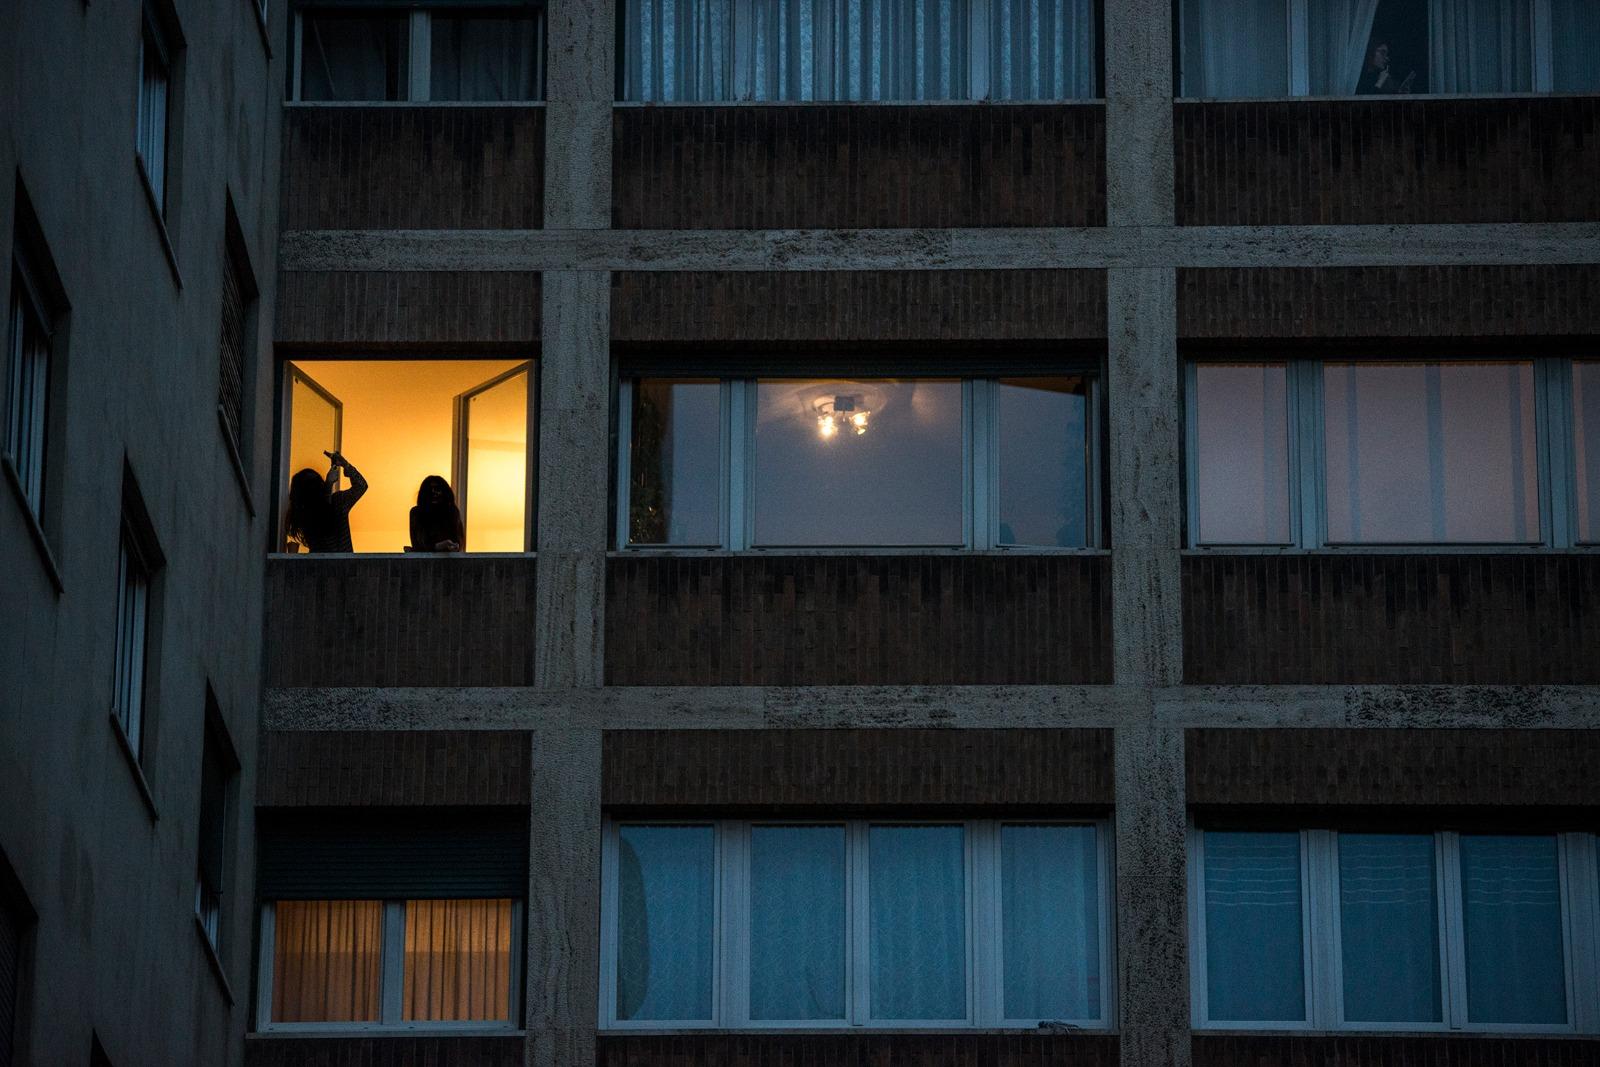 Lavorano Spesso Alle Finestre finestre aperte sulla crisi | vag61 spazio libero autogestito